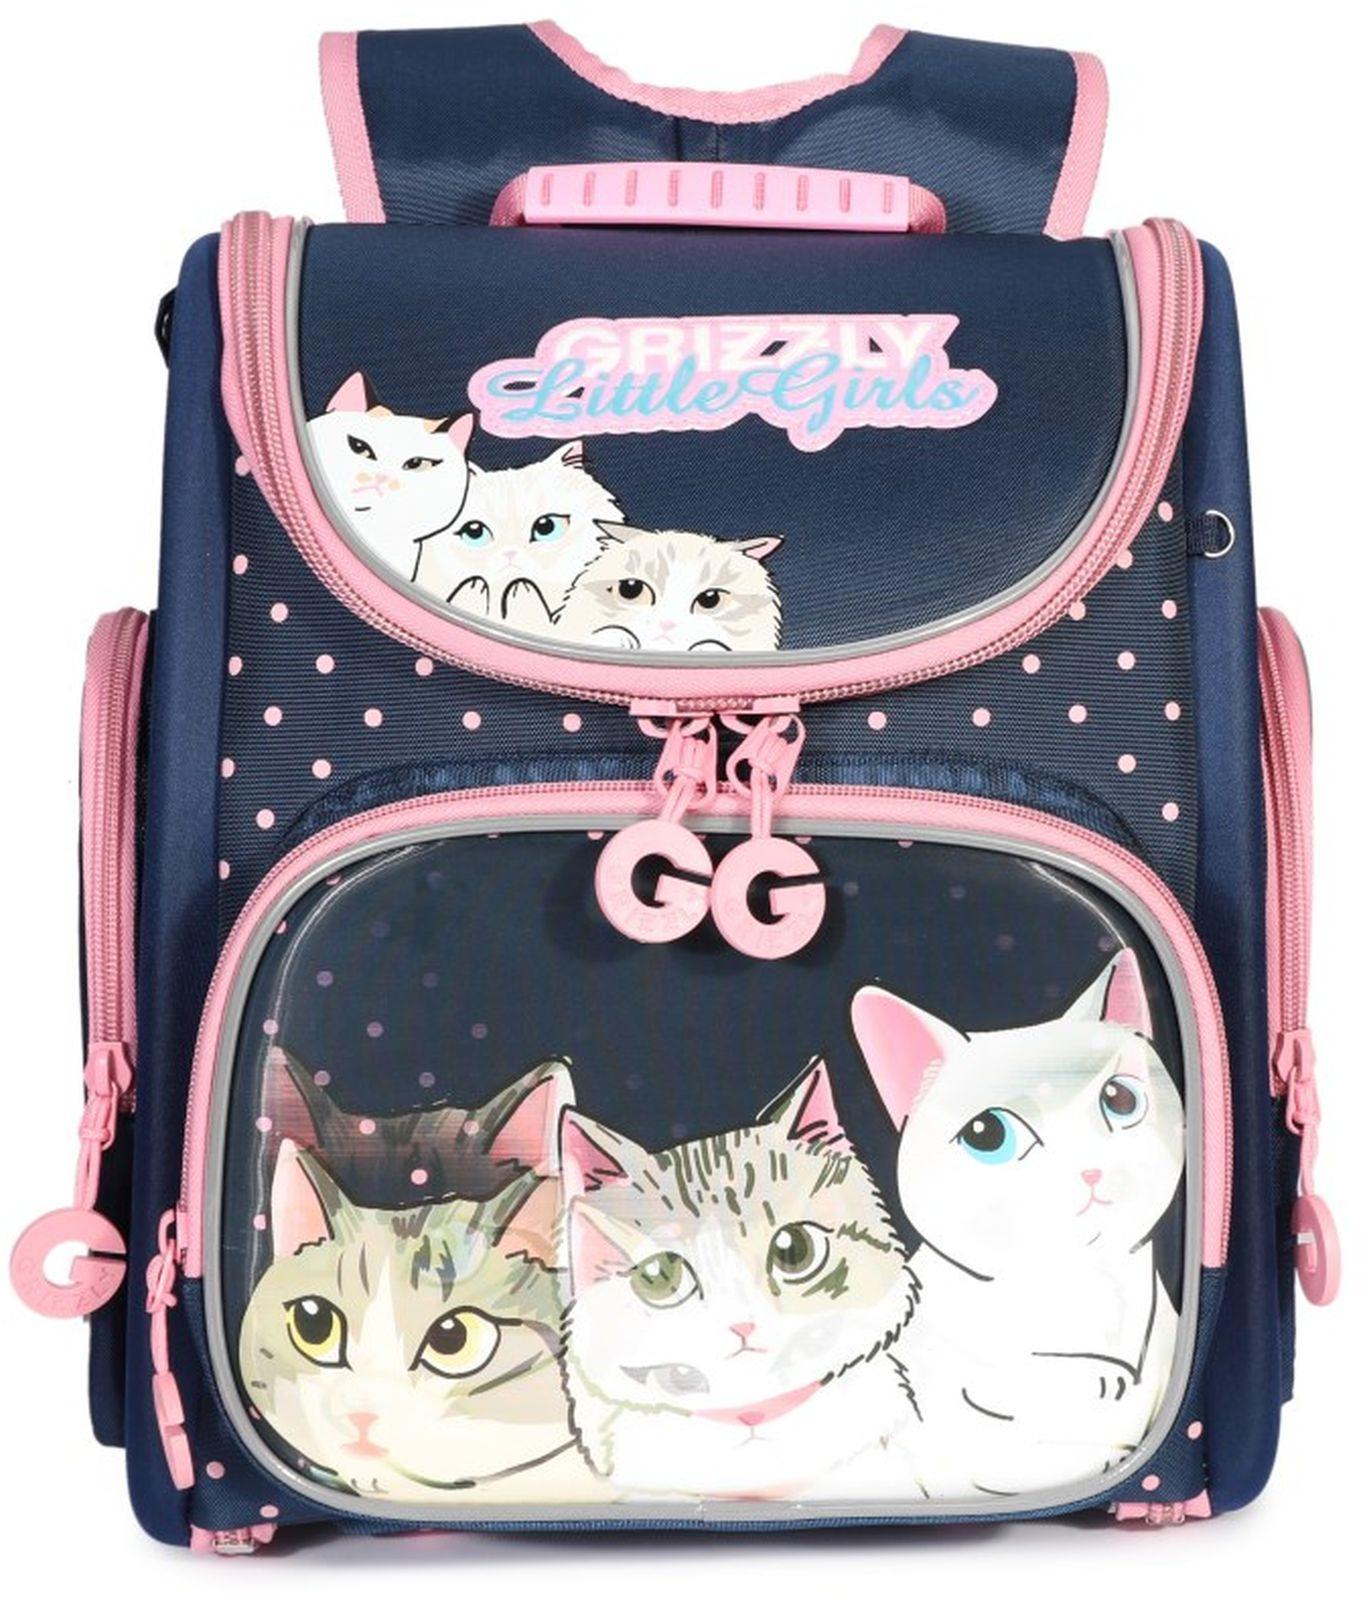 Рюкзак школьный Grizzly, RA-971-4/1, темно-синий